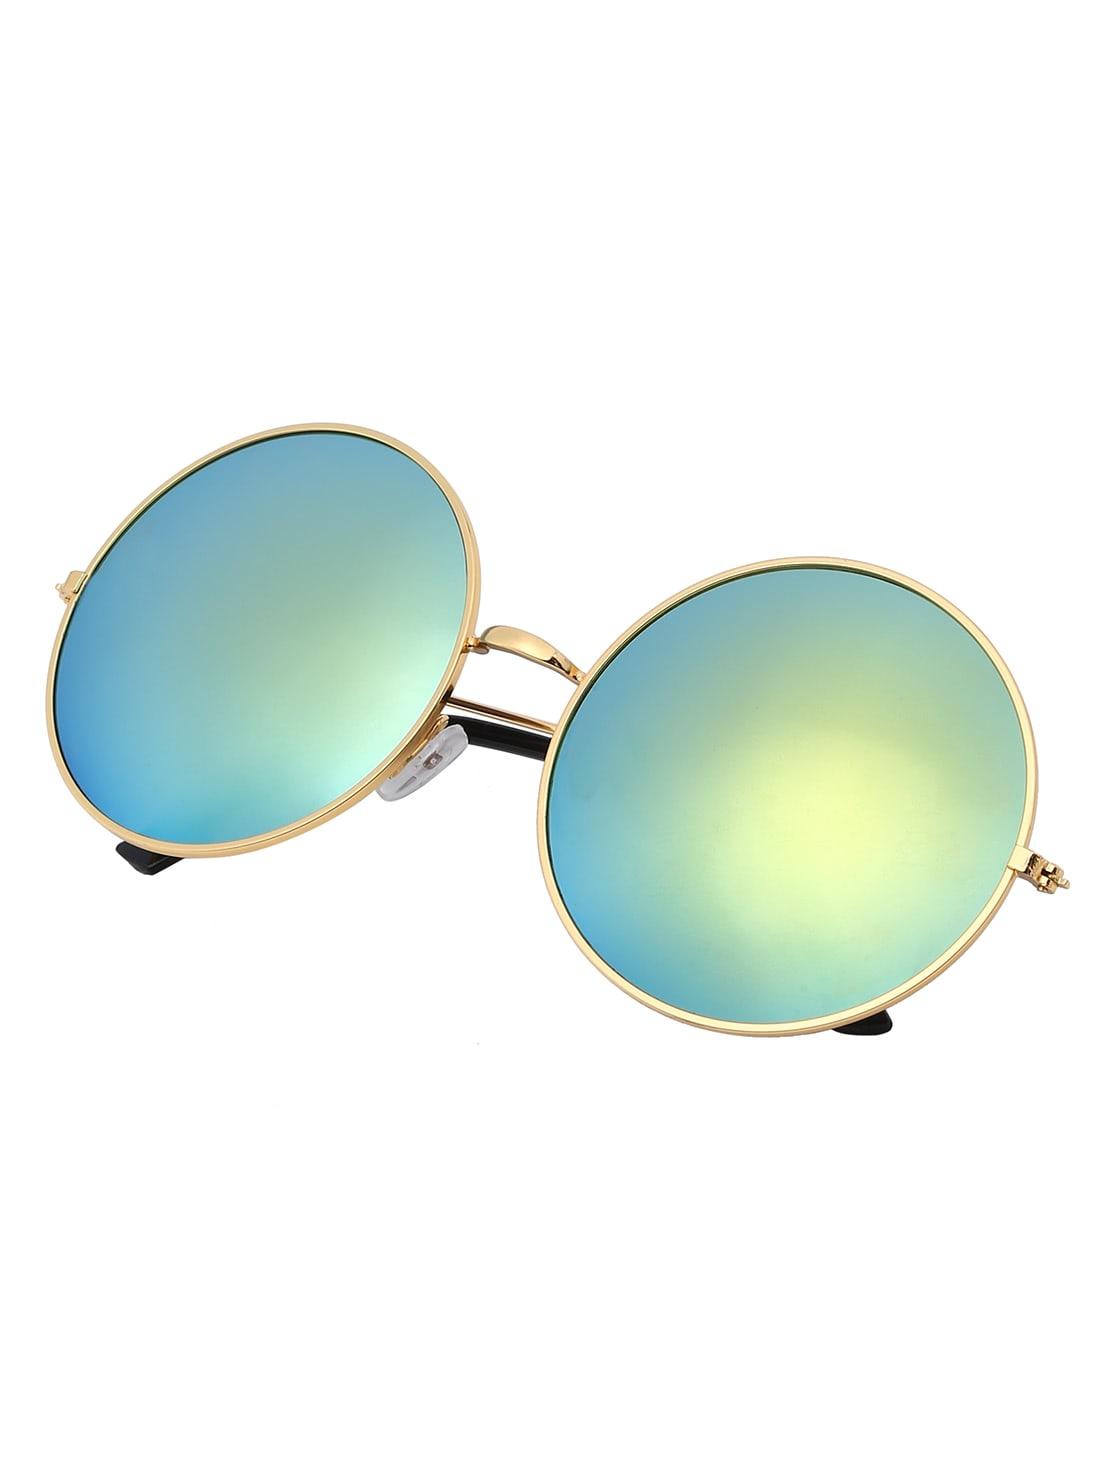 Golden Mirrored Lenses Retro Round Sunglasses